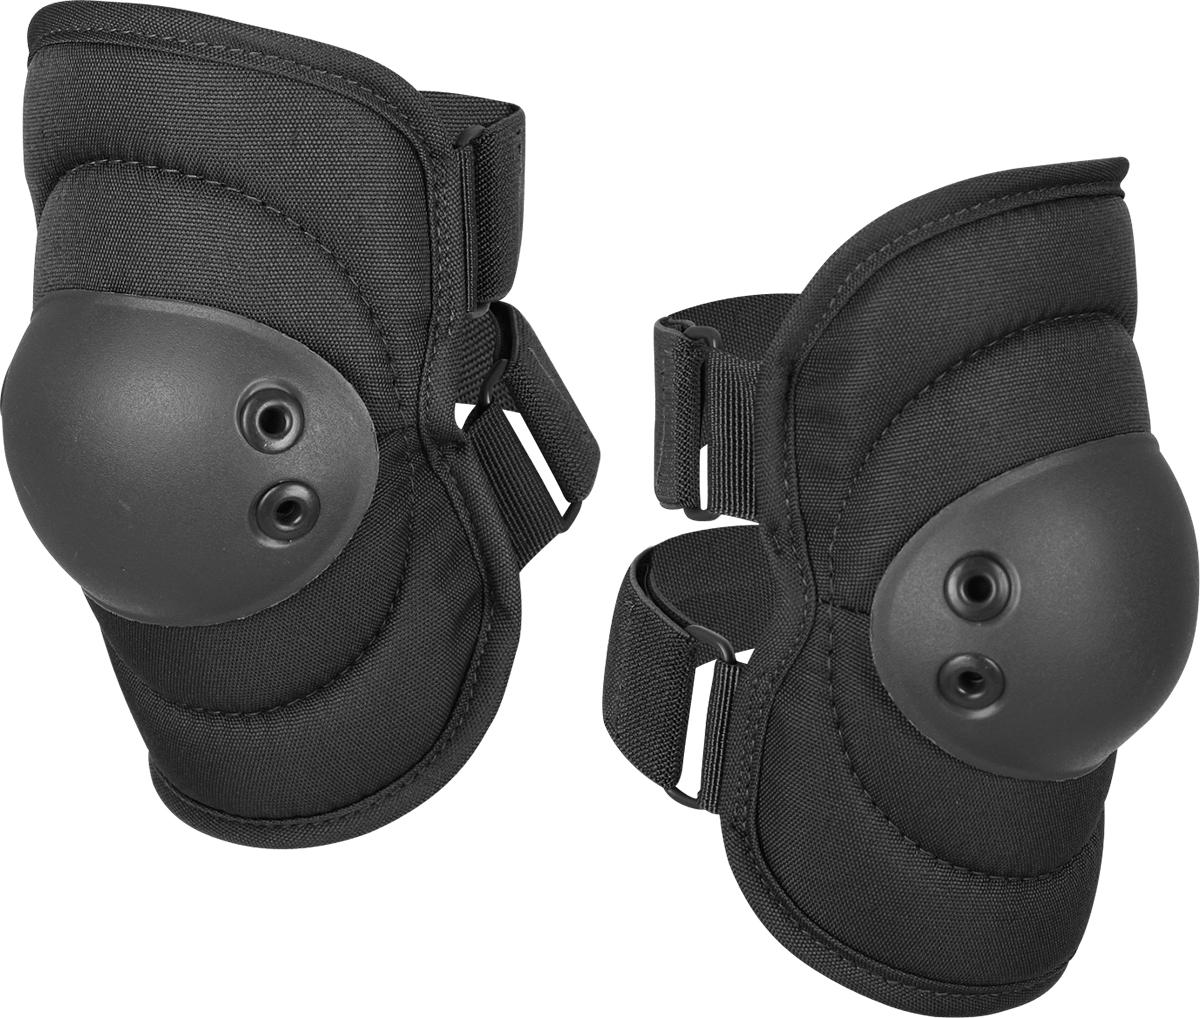 Налокотники Сплав TAC, цвет: черный. 50636205063620Предназначены для защиты локтевого сустава. Состав: полиэстер 600D, пенополиэтилен, пластик